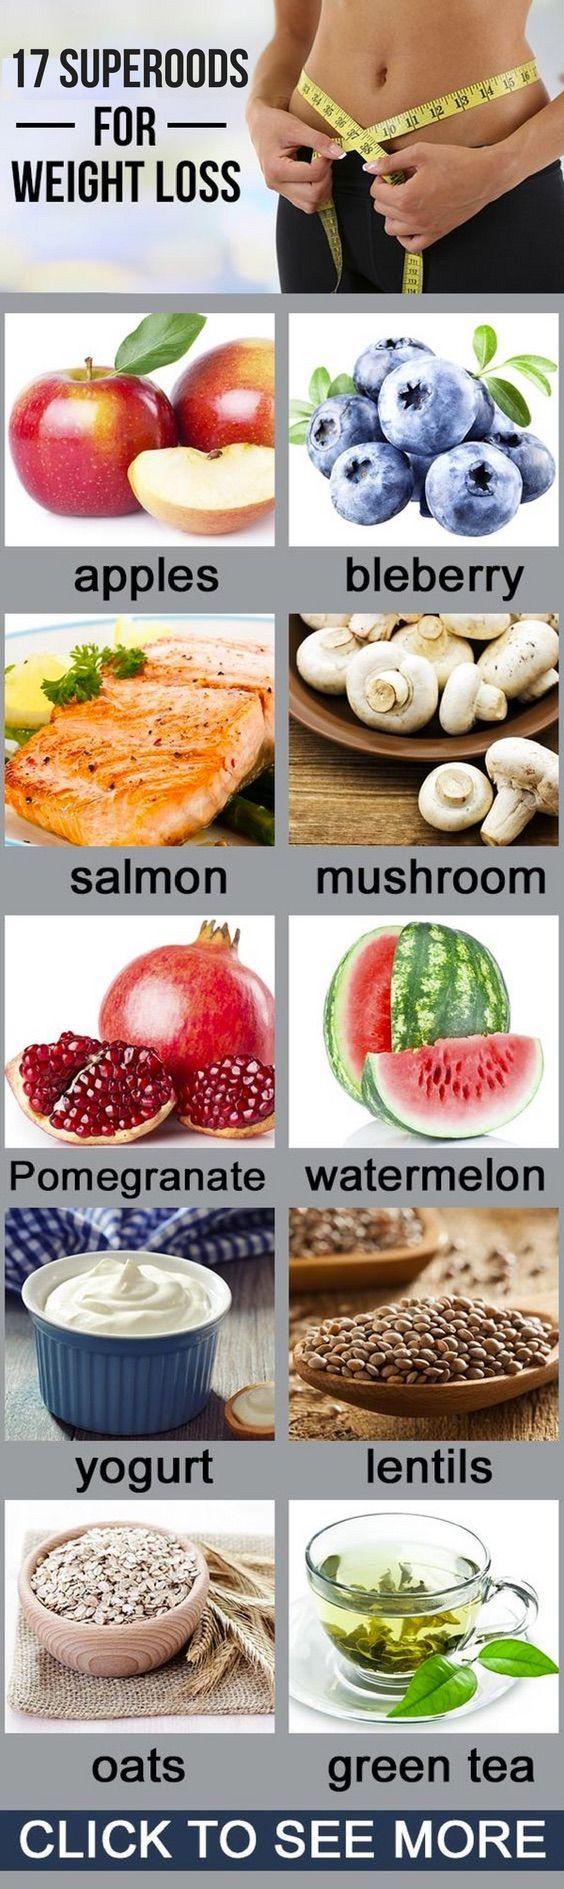 vegan weight loss meal ideas